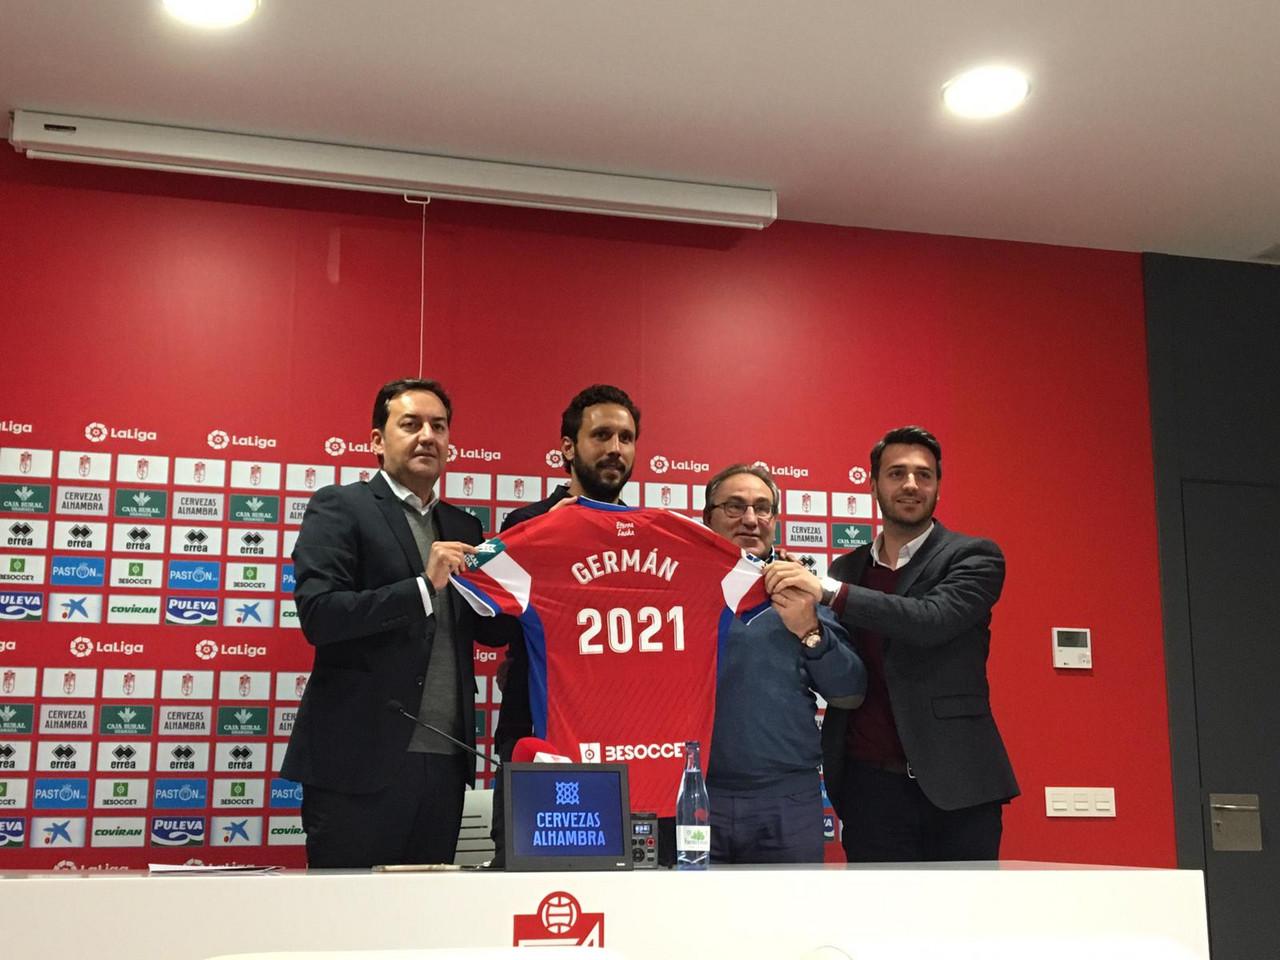 """Germán renueva hasta 2021: """"Es un orgullo seguir en este gran club"""""""